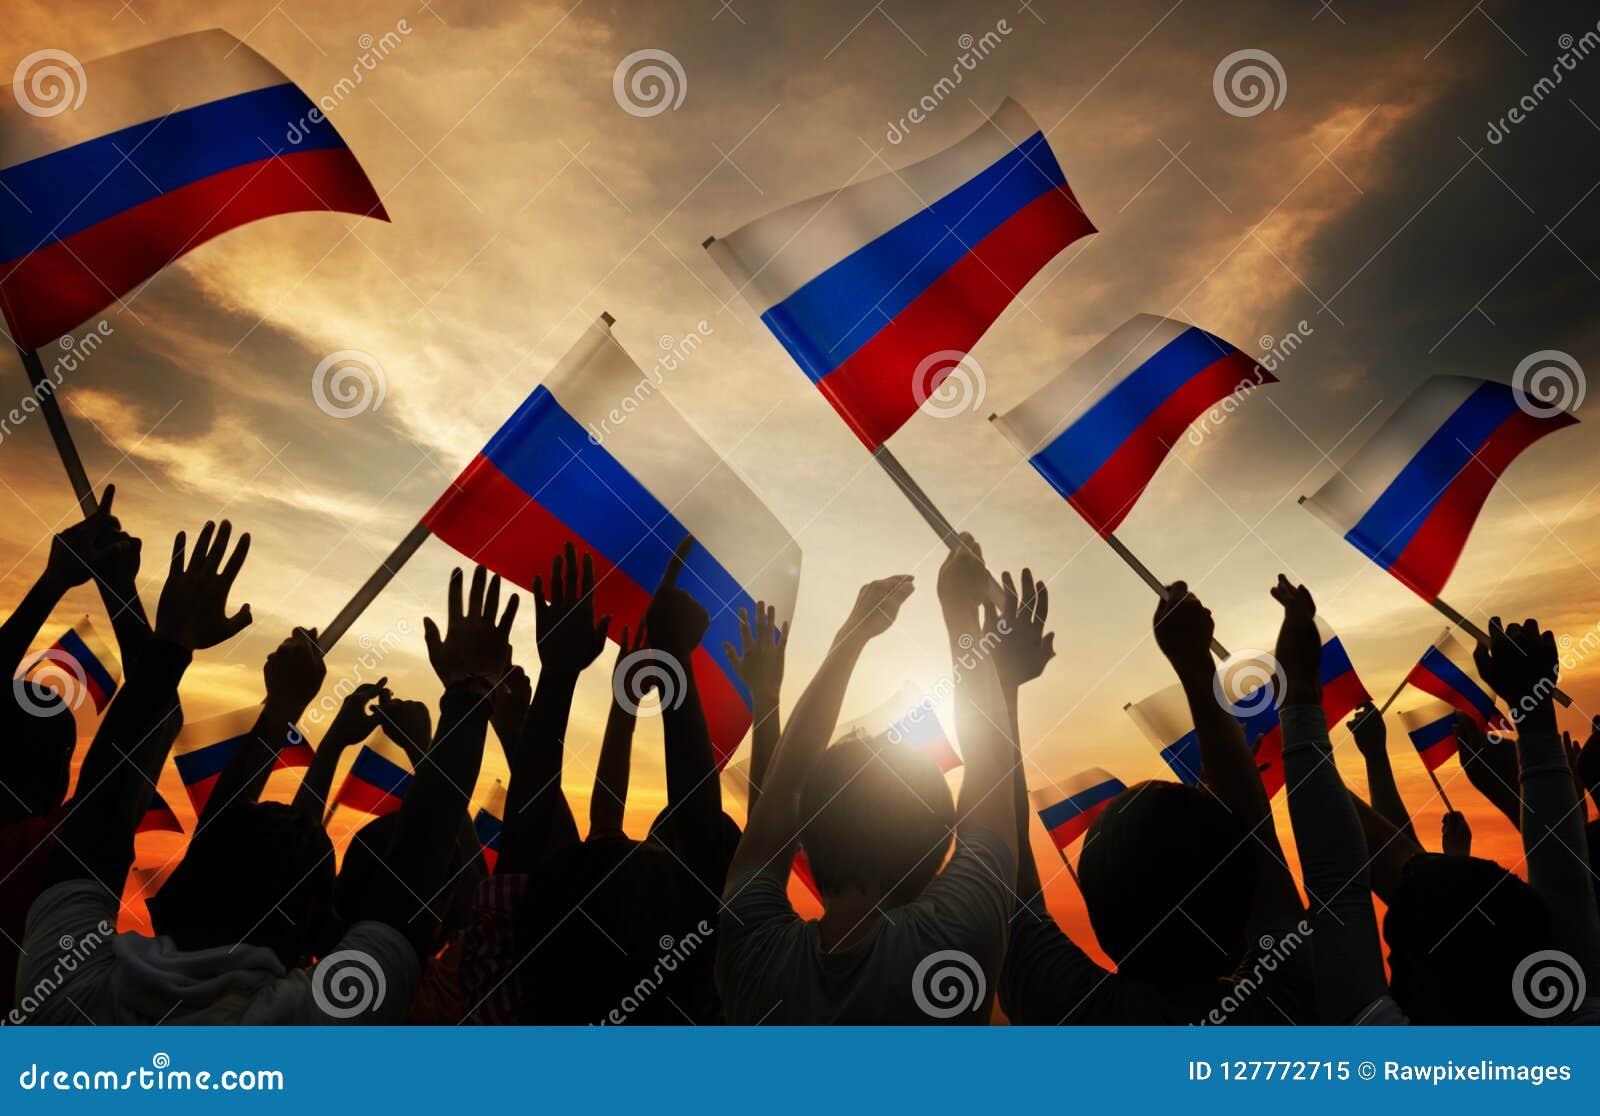 Σκιαγραφίες της σημαίας εκμετάλλευσης ανθρώπων της Ρωσίας